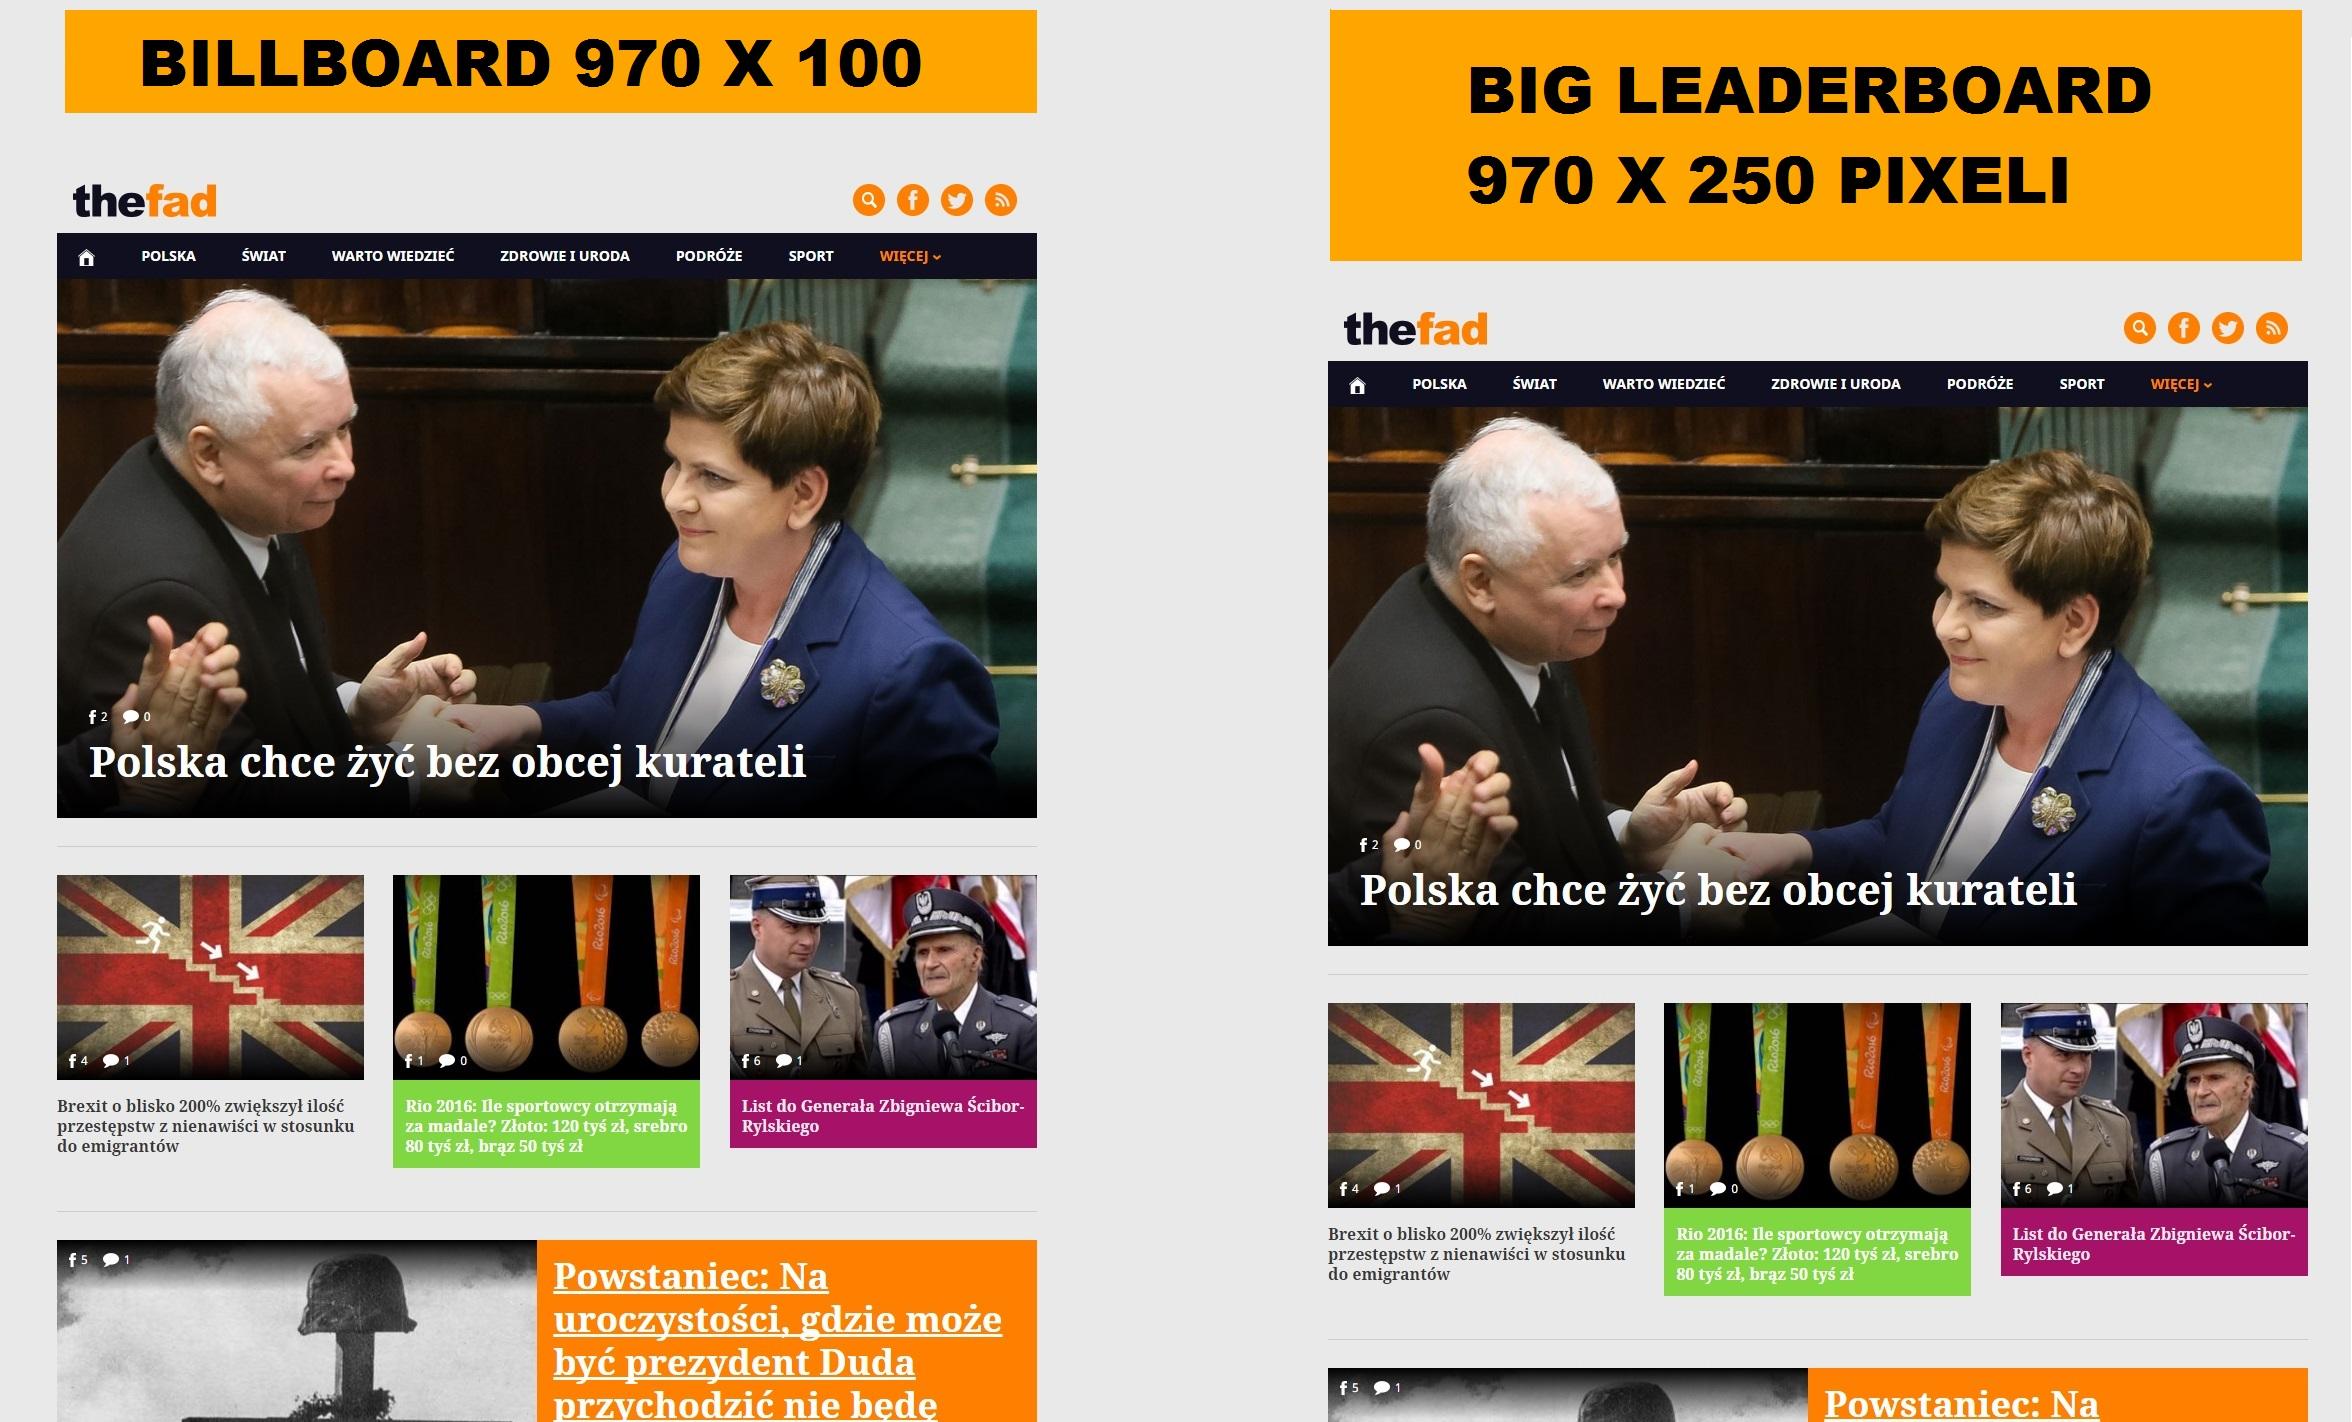 Biuro reklamy TheFad.pl: wizualizacja reklam billboards 970 x 100 pixeli 970 x 200 pixeli